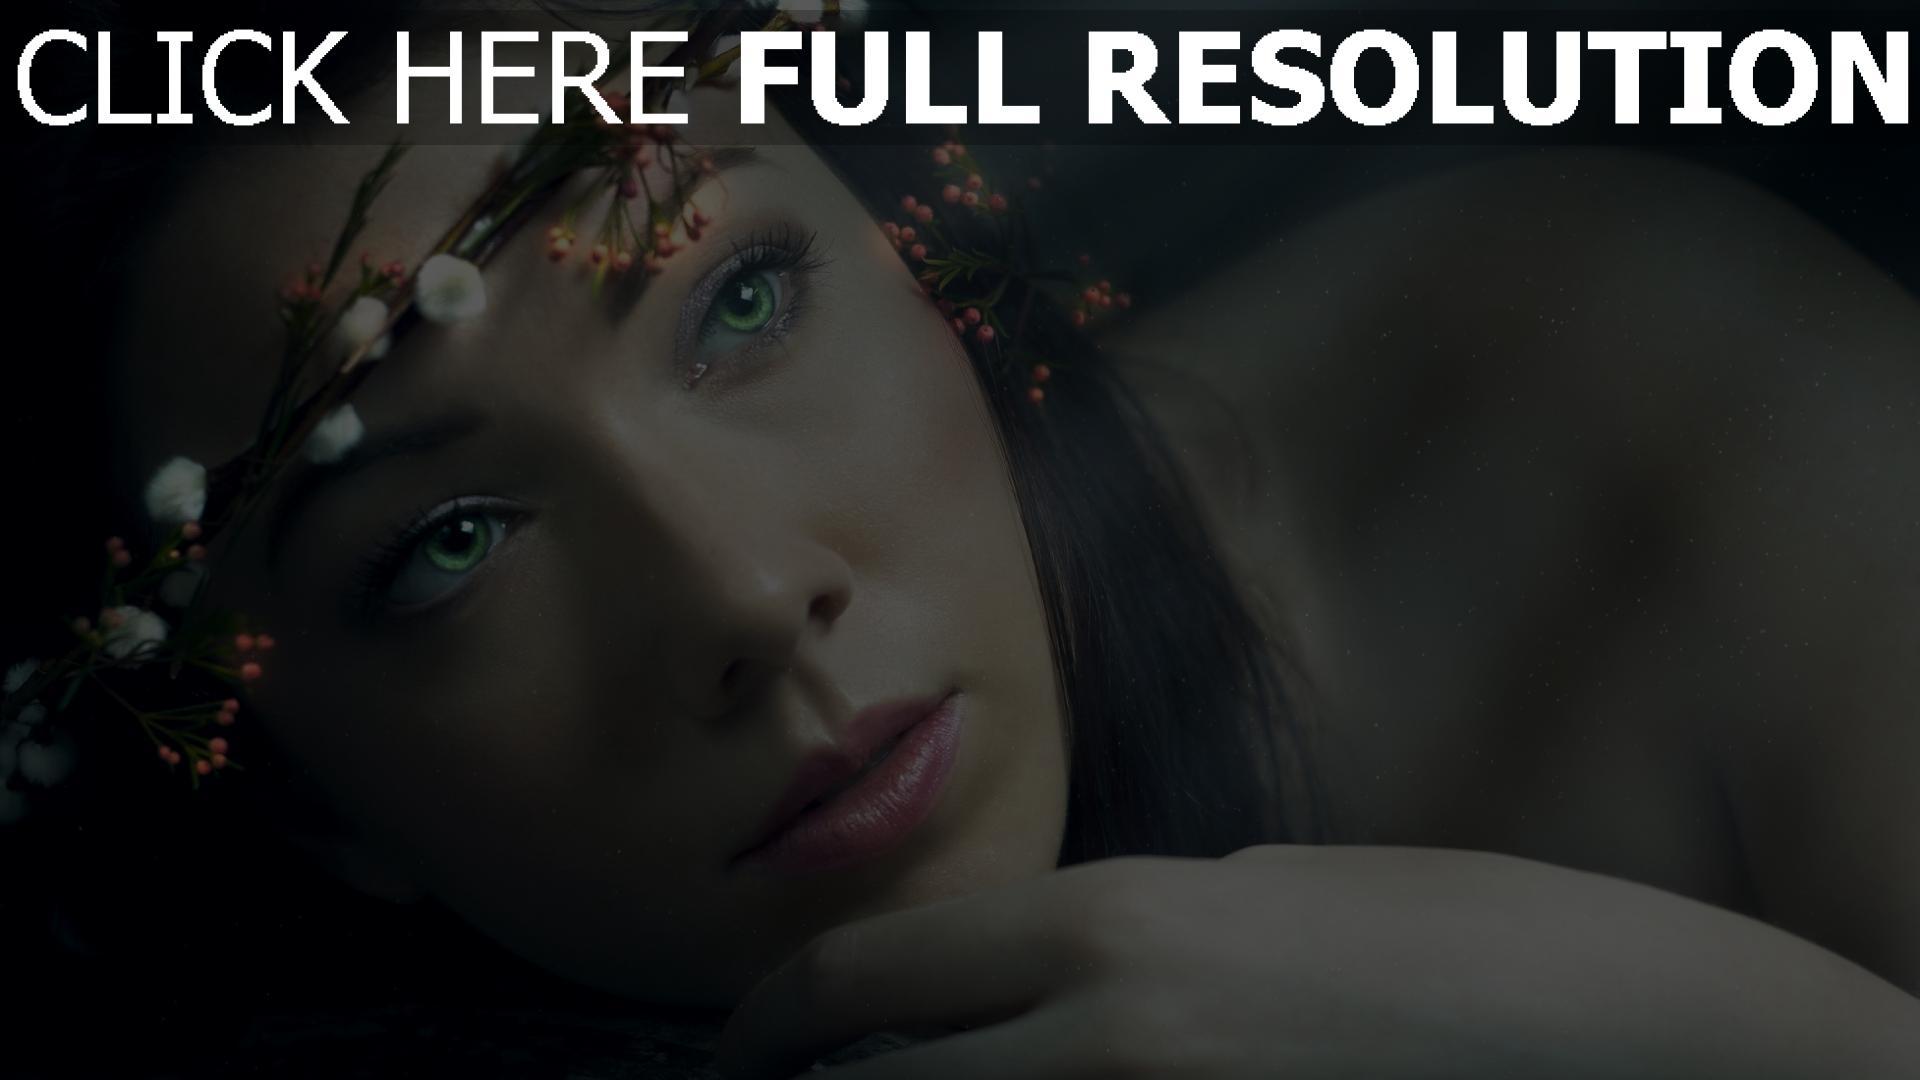 fond d'écran 1920x1080 yeux verts couronne tendre visage